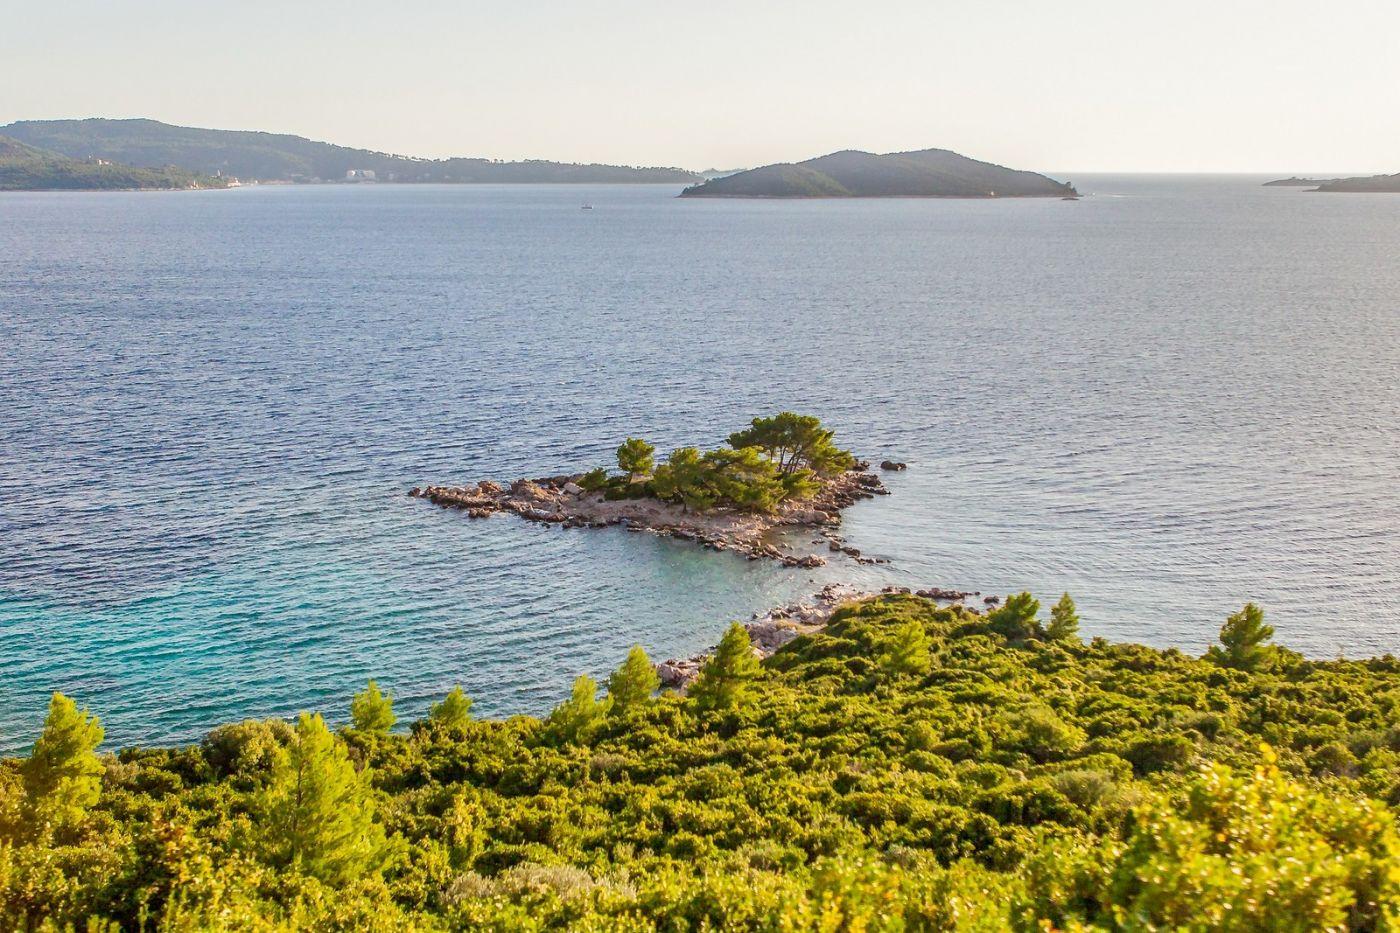 克罗地亚旅途,海岸线景色_图1-26